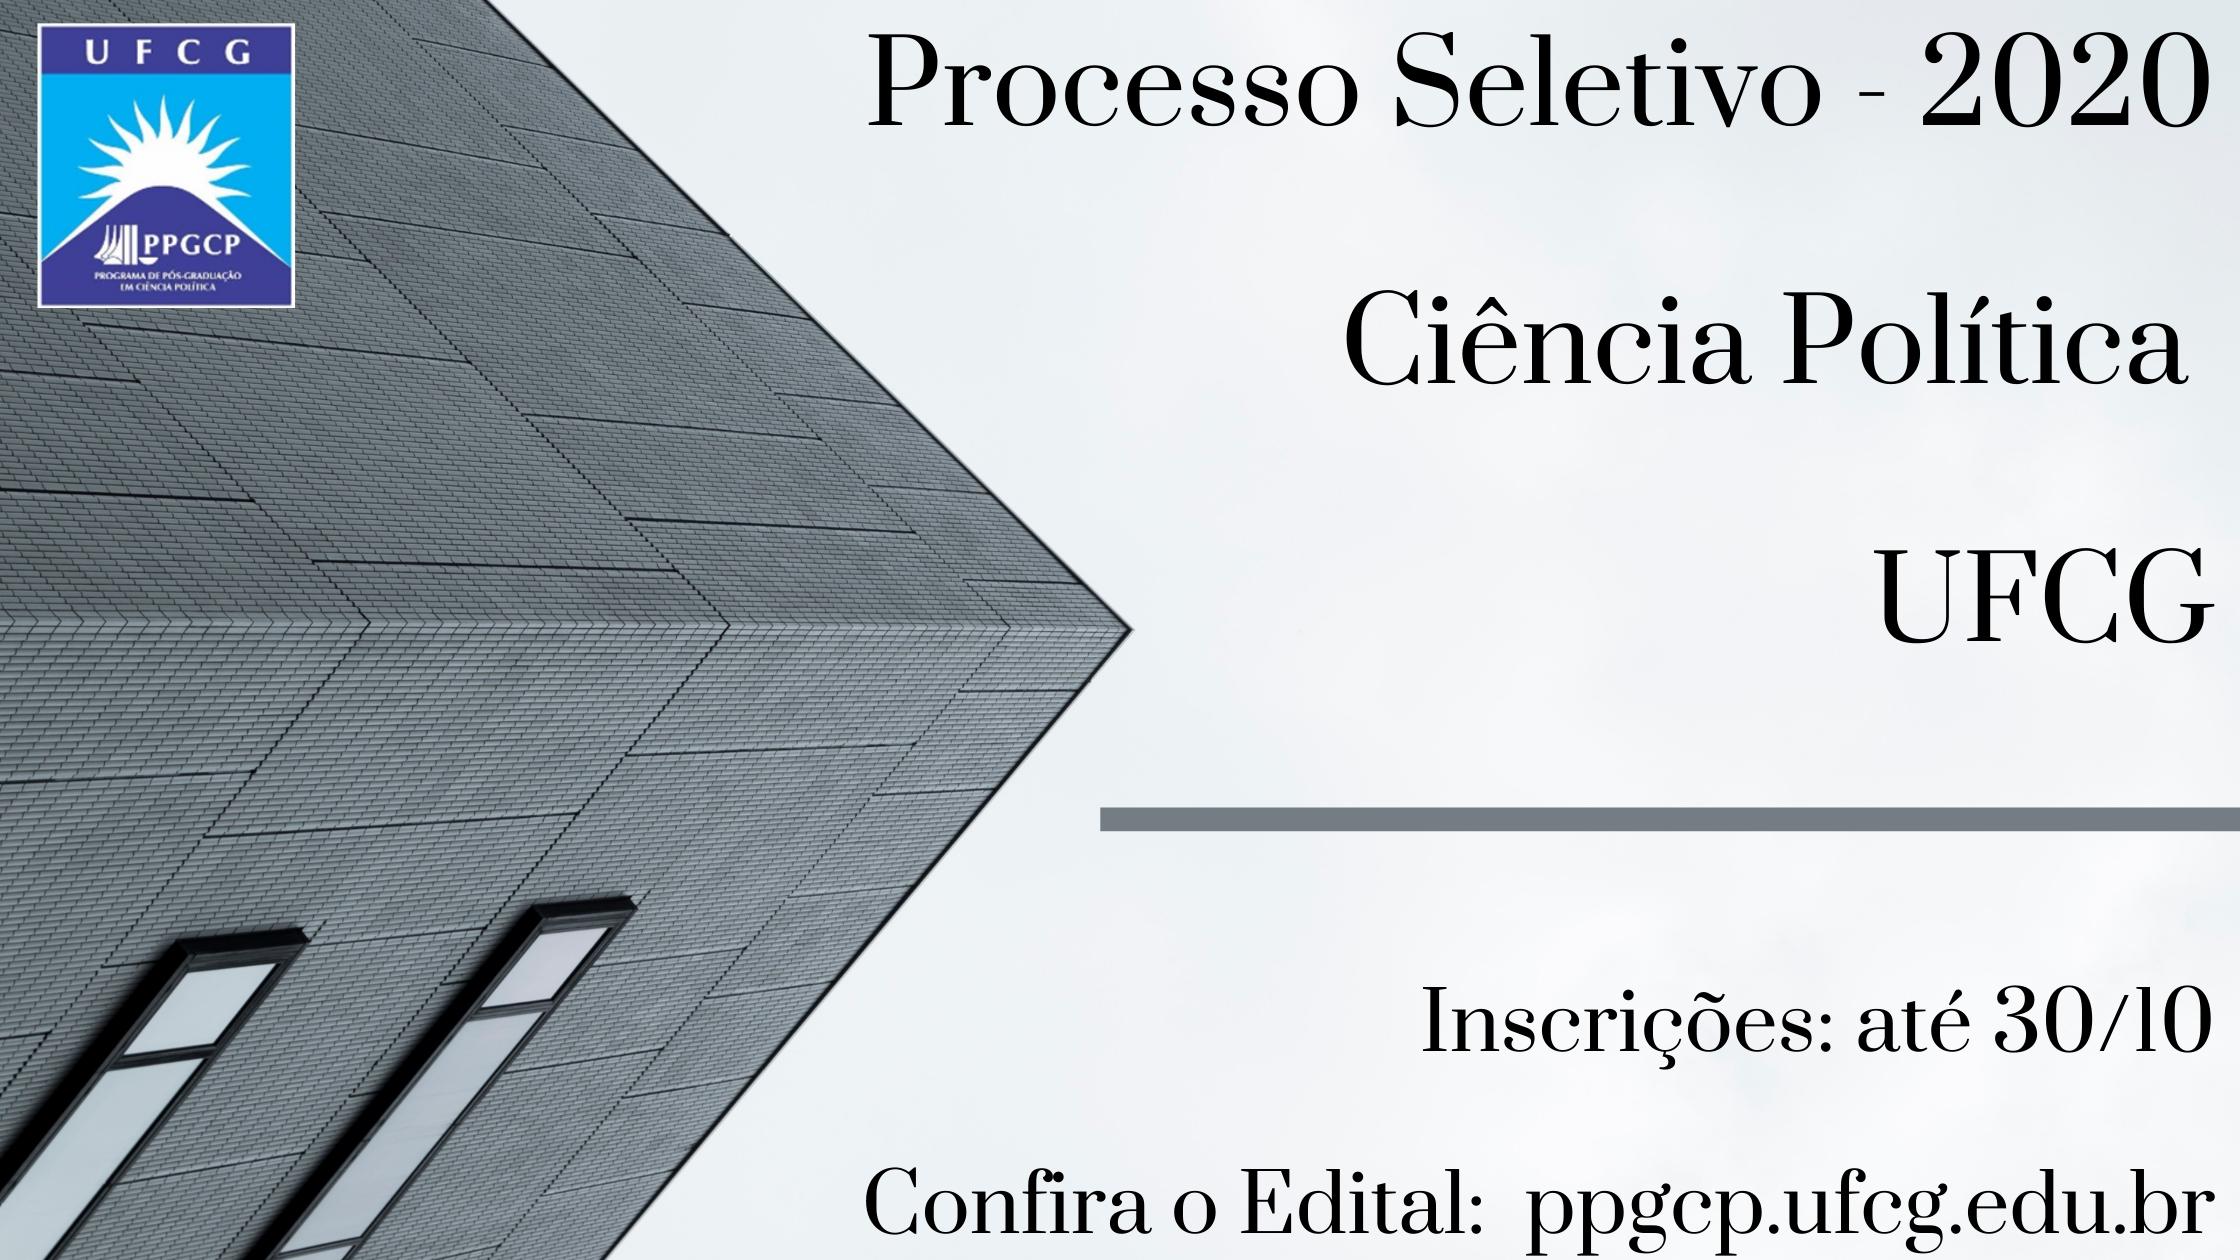 Processo Seletivo - 2020